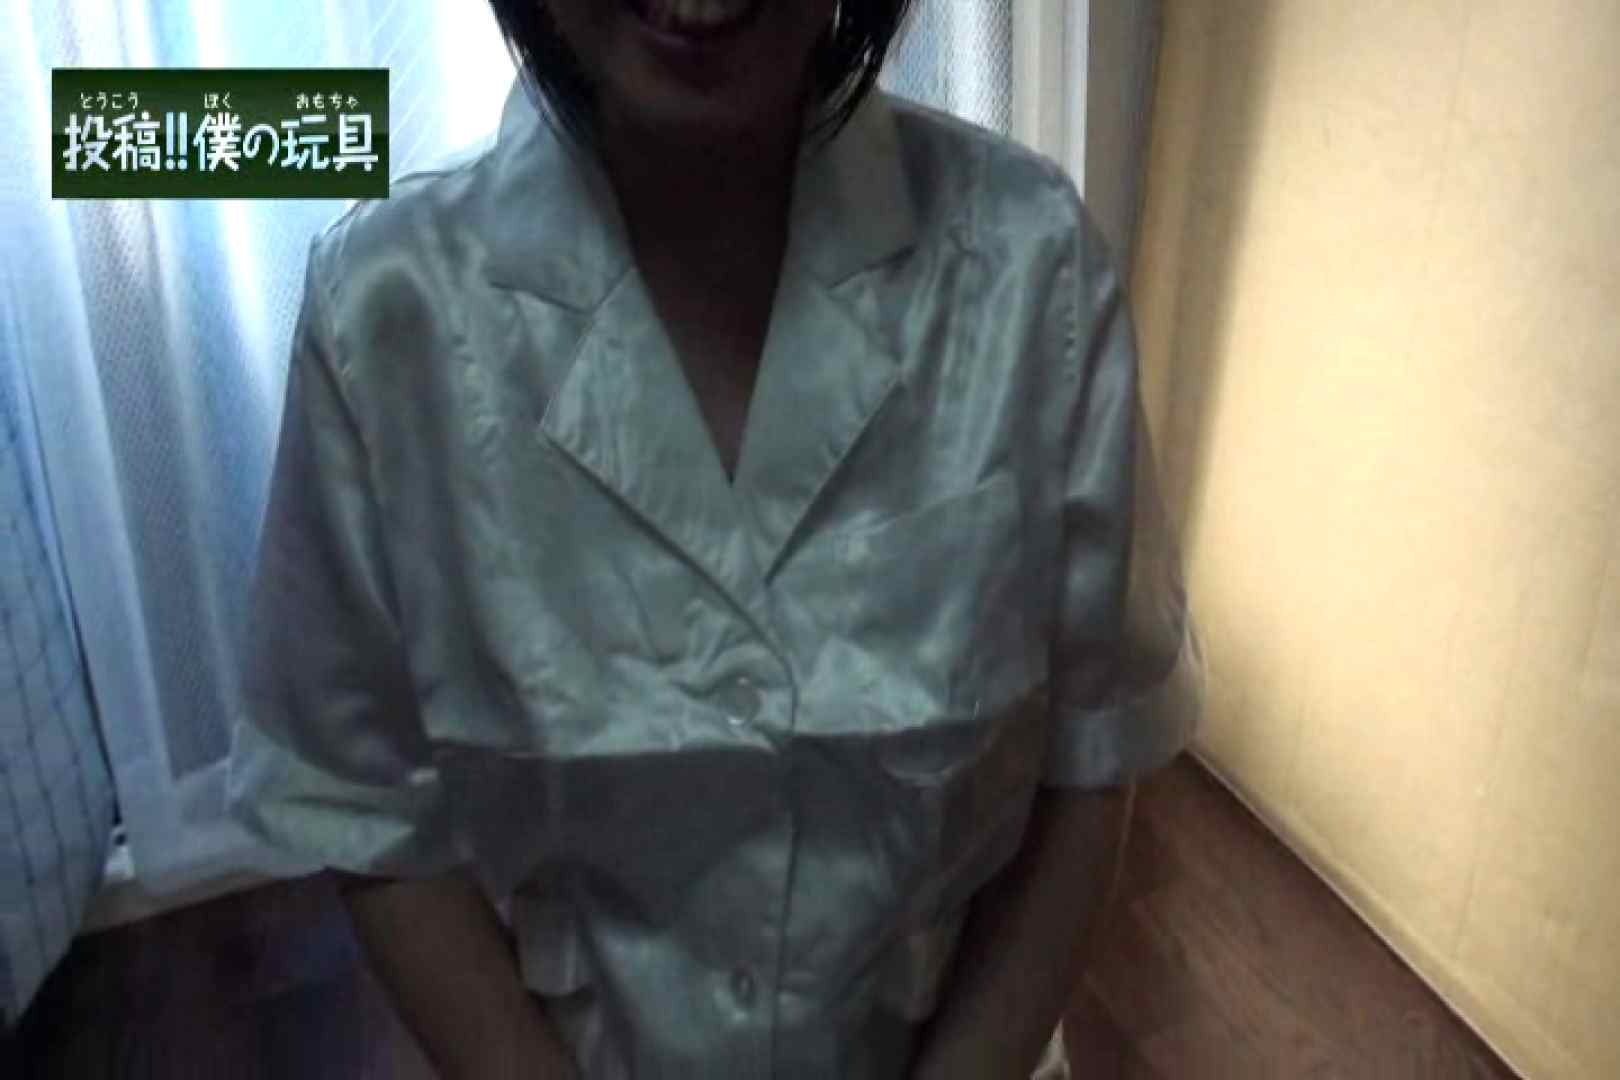 投稿!!僕の玩具達 ナース服の女 コスプレ エロ画像 82枚 3